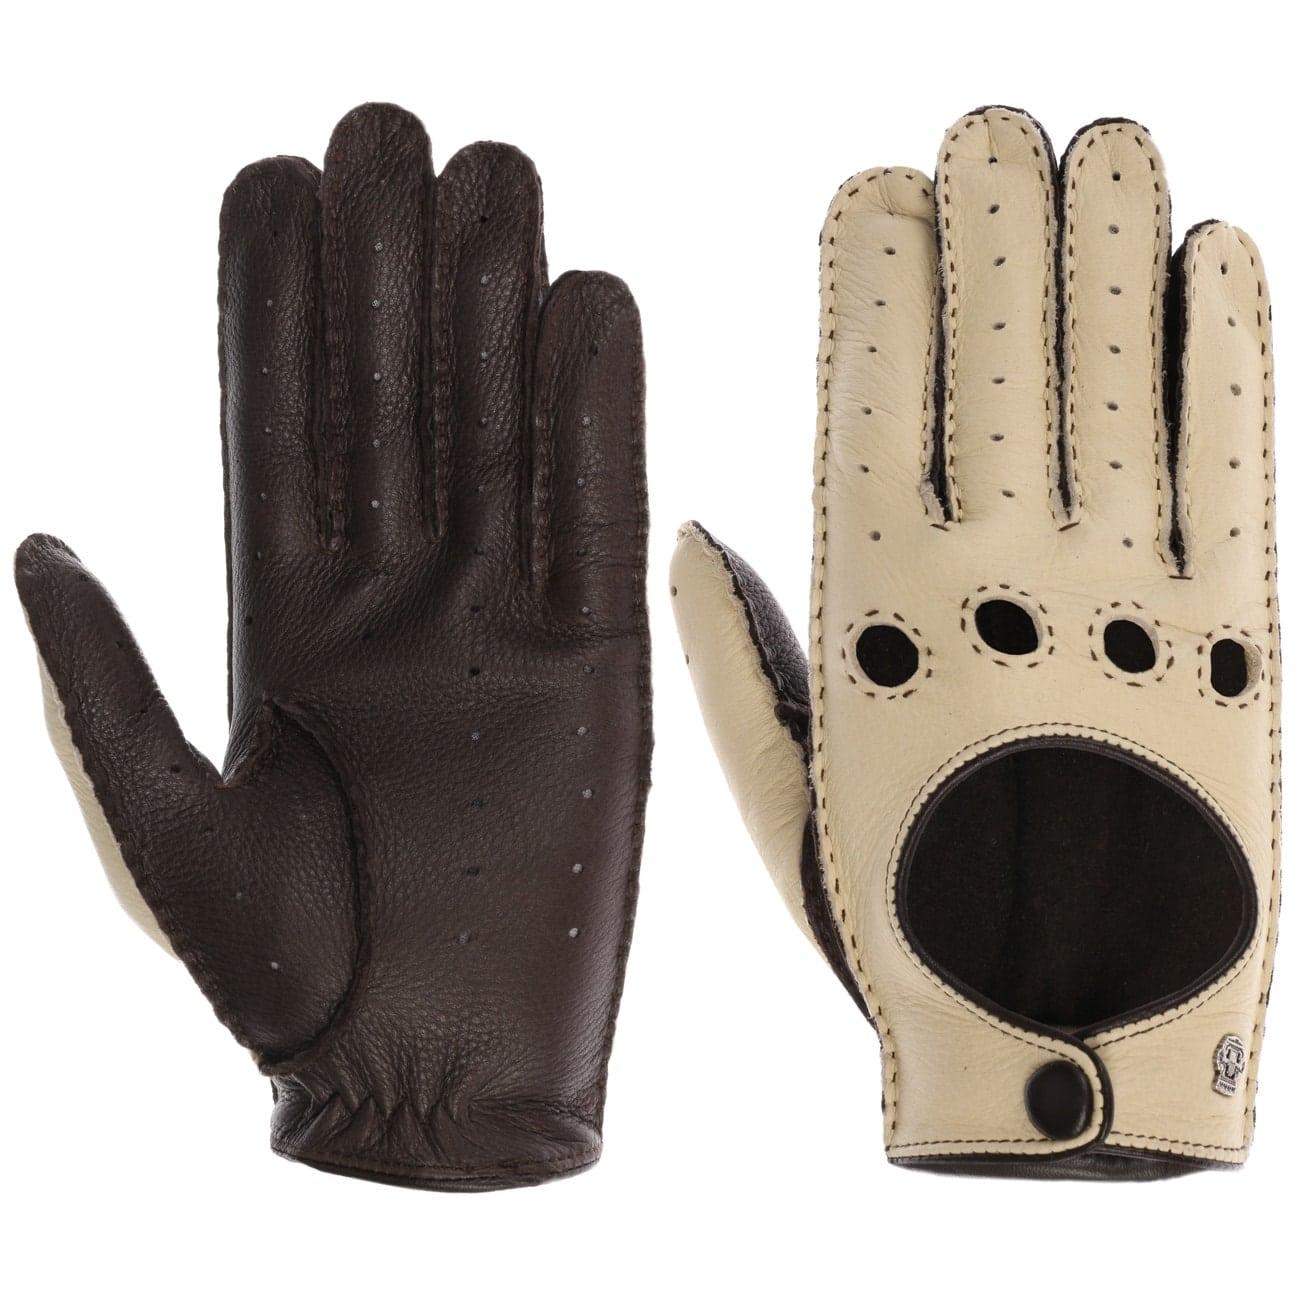 Guantes Classic Driver by Roeckl  guantes de hombre